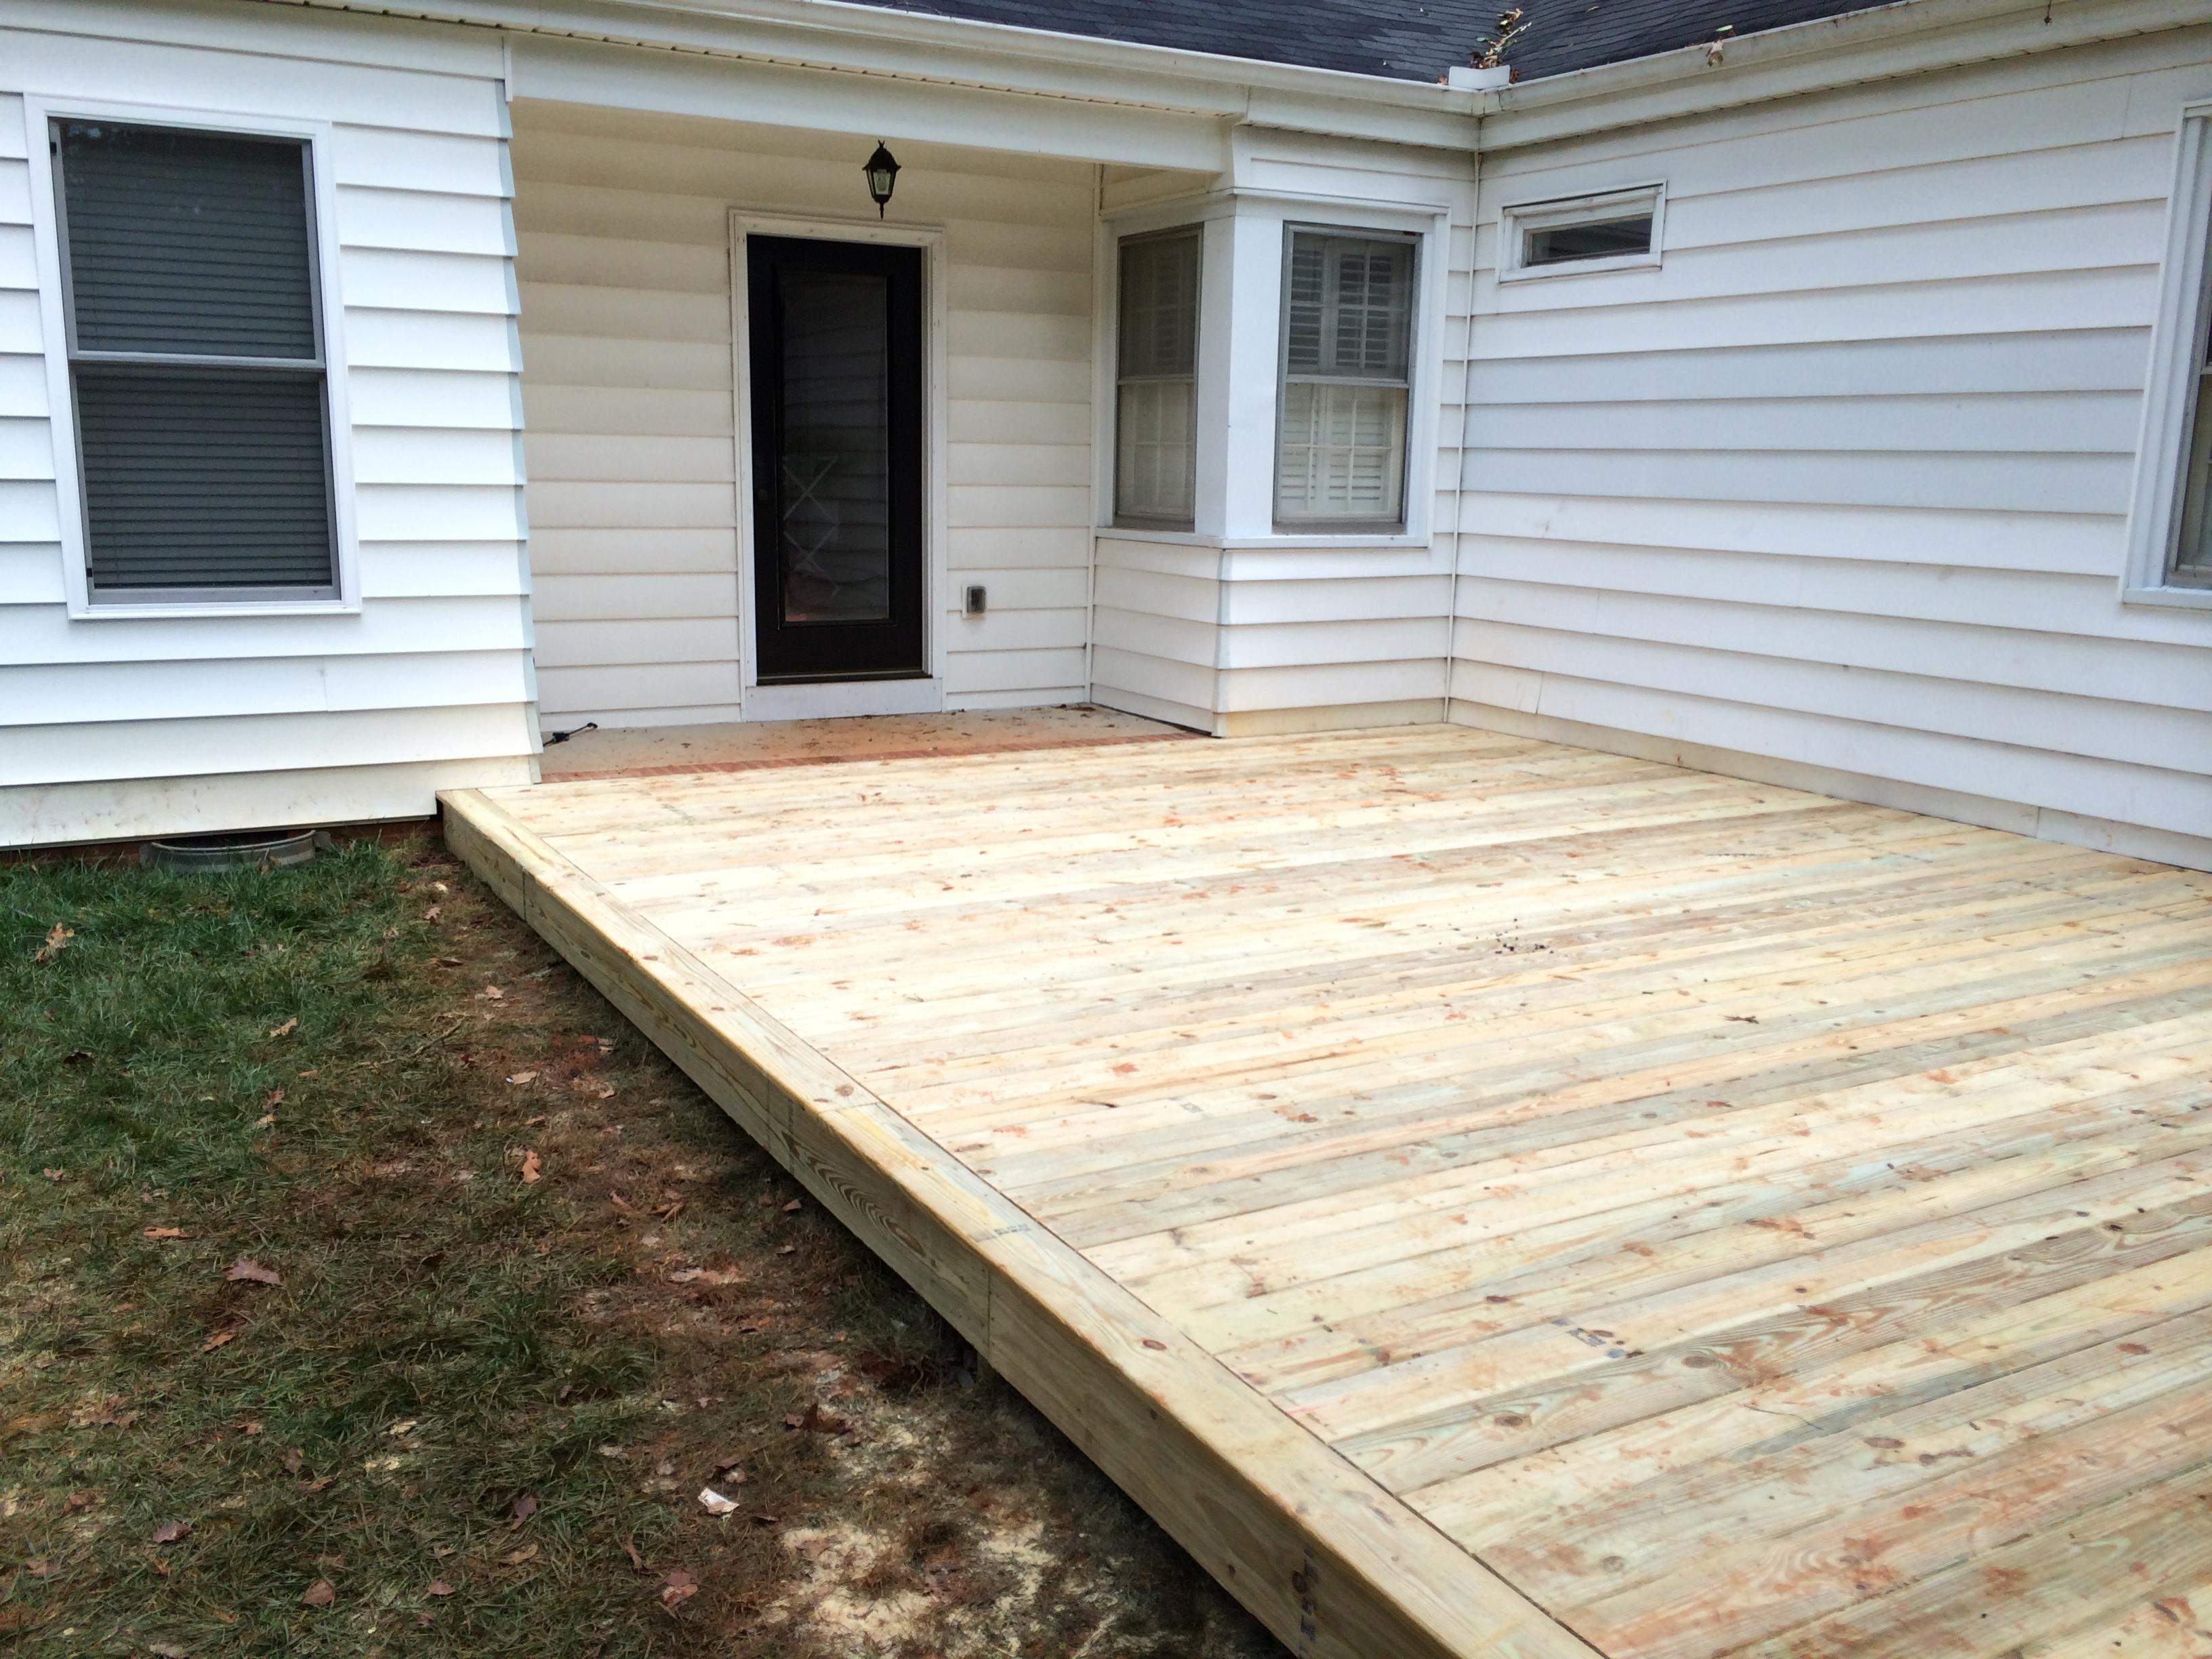 Wrap Around Deck Construction : Wrap around deck the carolina carpenter